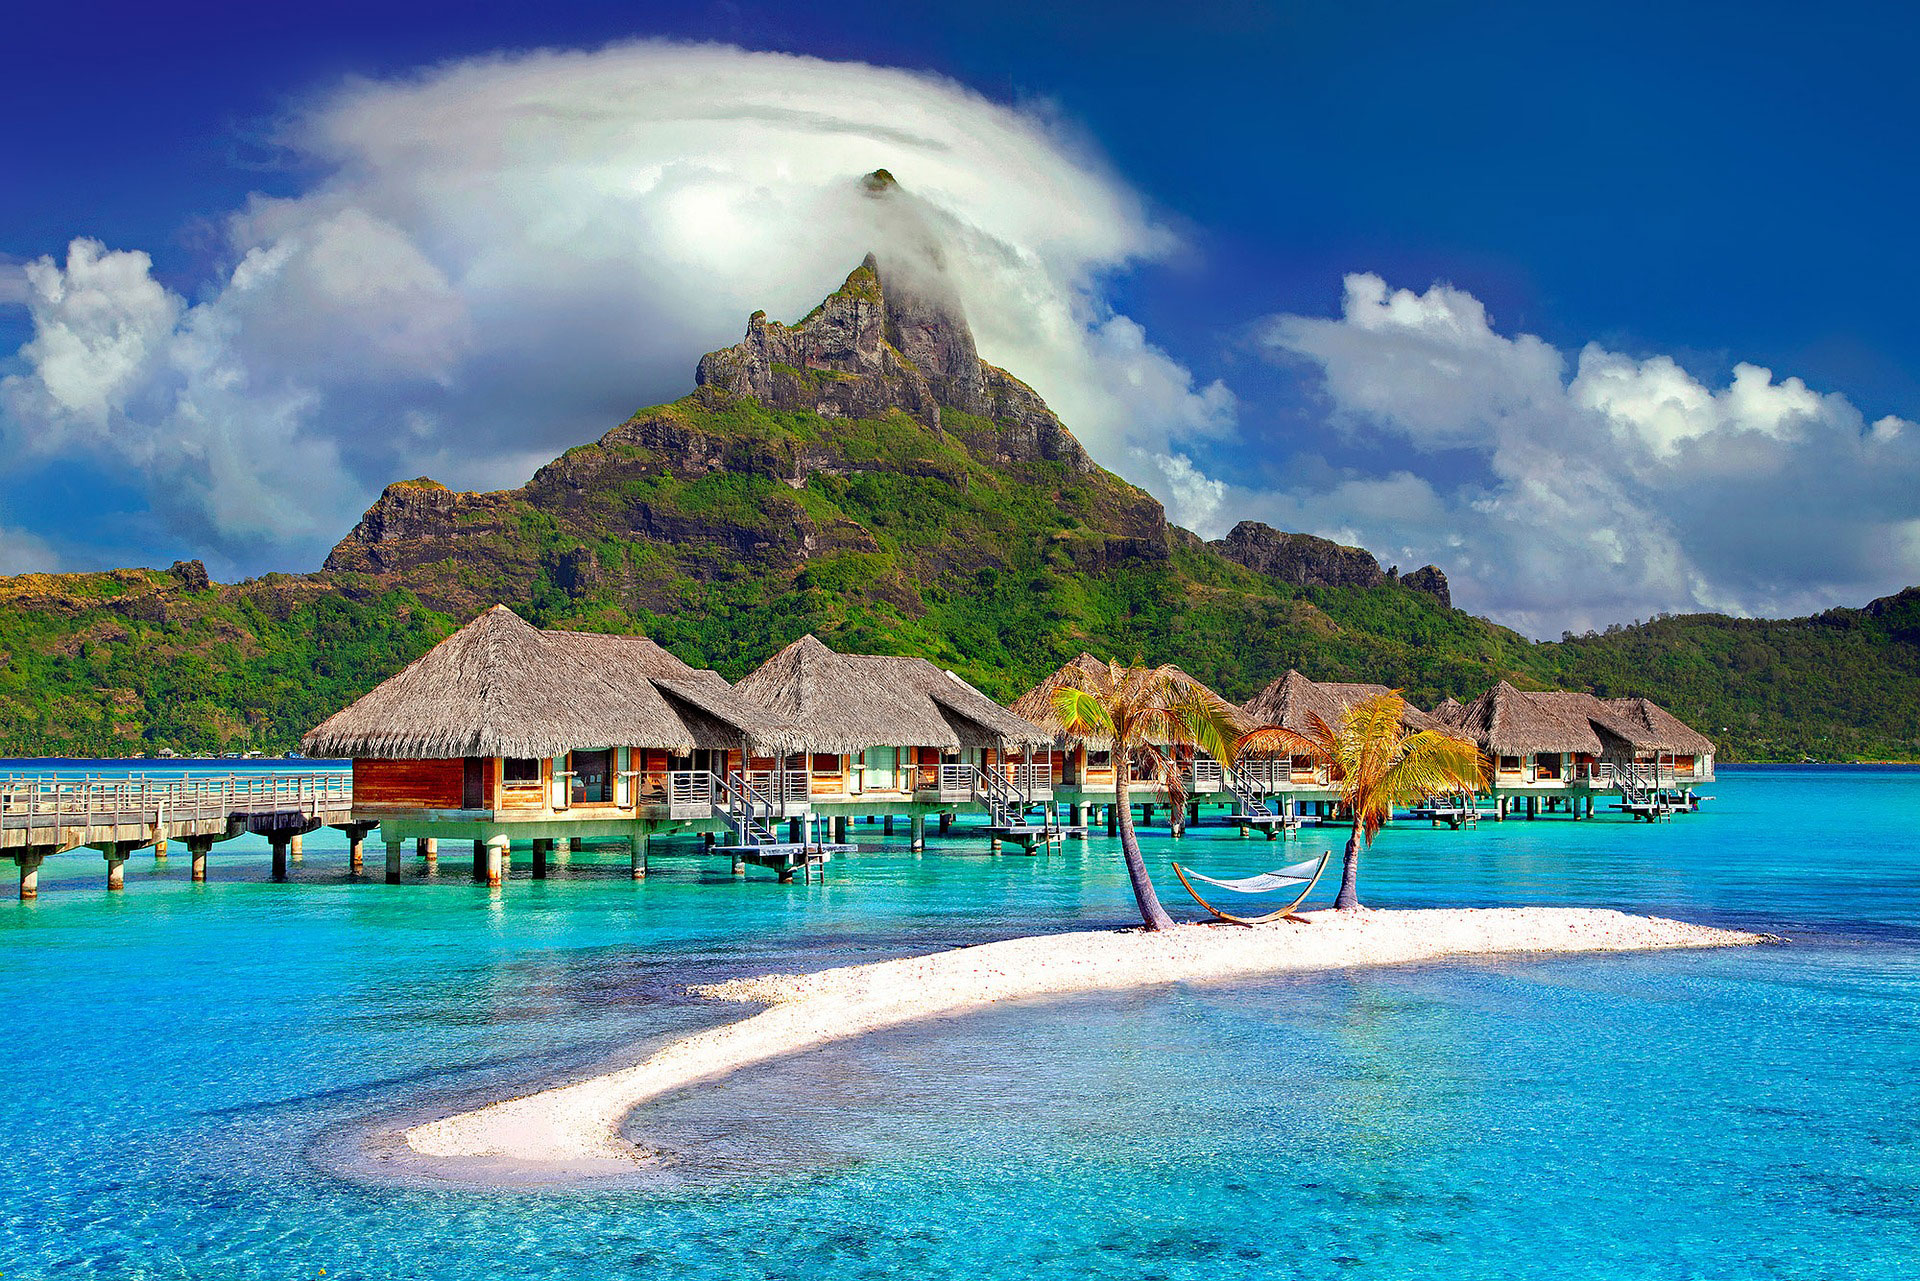 La alta isla y montañosa, de origen volcánico, está rodeada con un arrecife de coral